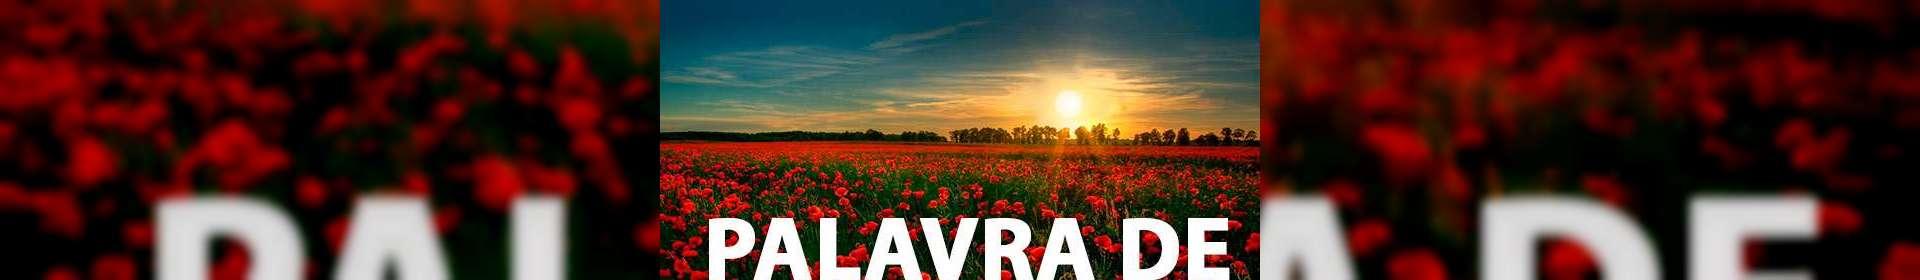 Apocalipse 14:6 - Uma Palavra de Esperança para sua vida